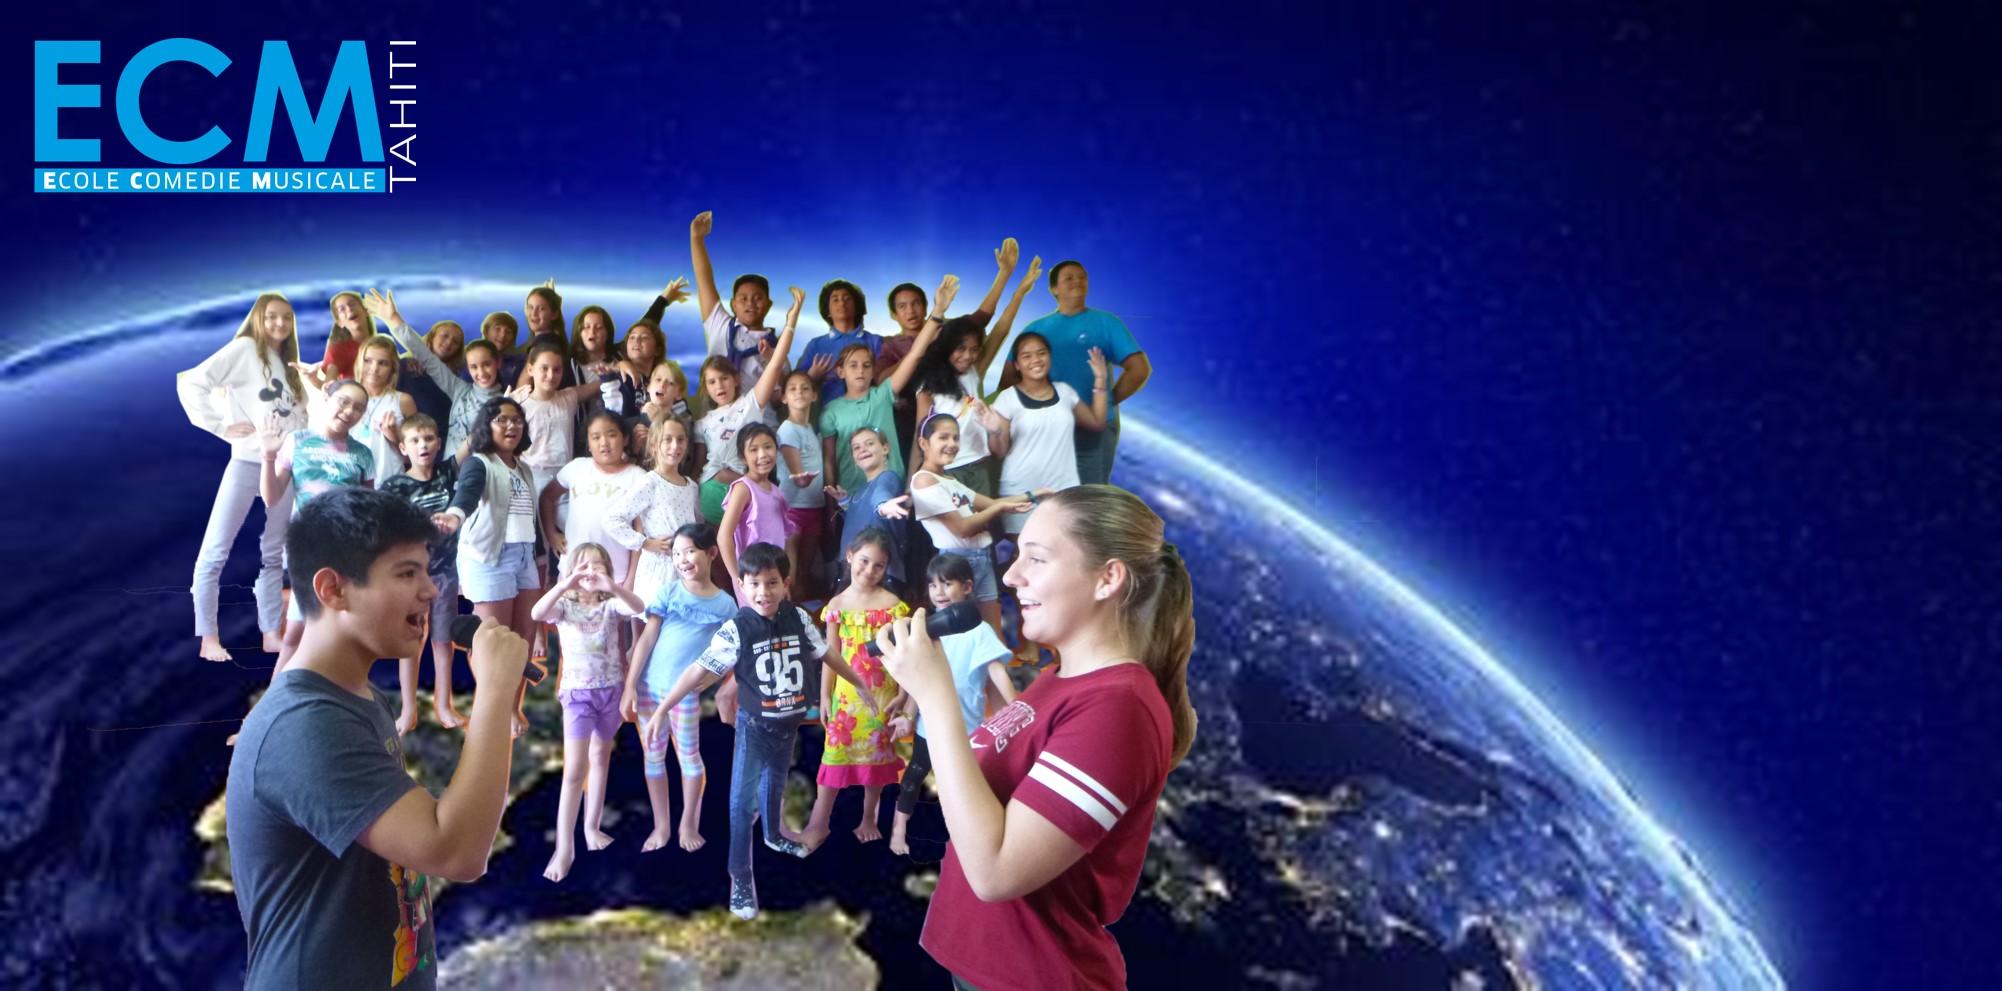 Page enfant : Une comédie musicale par et pour les enfants